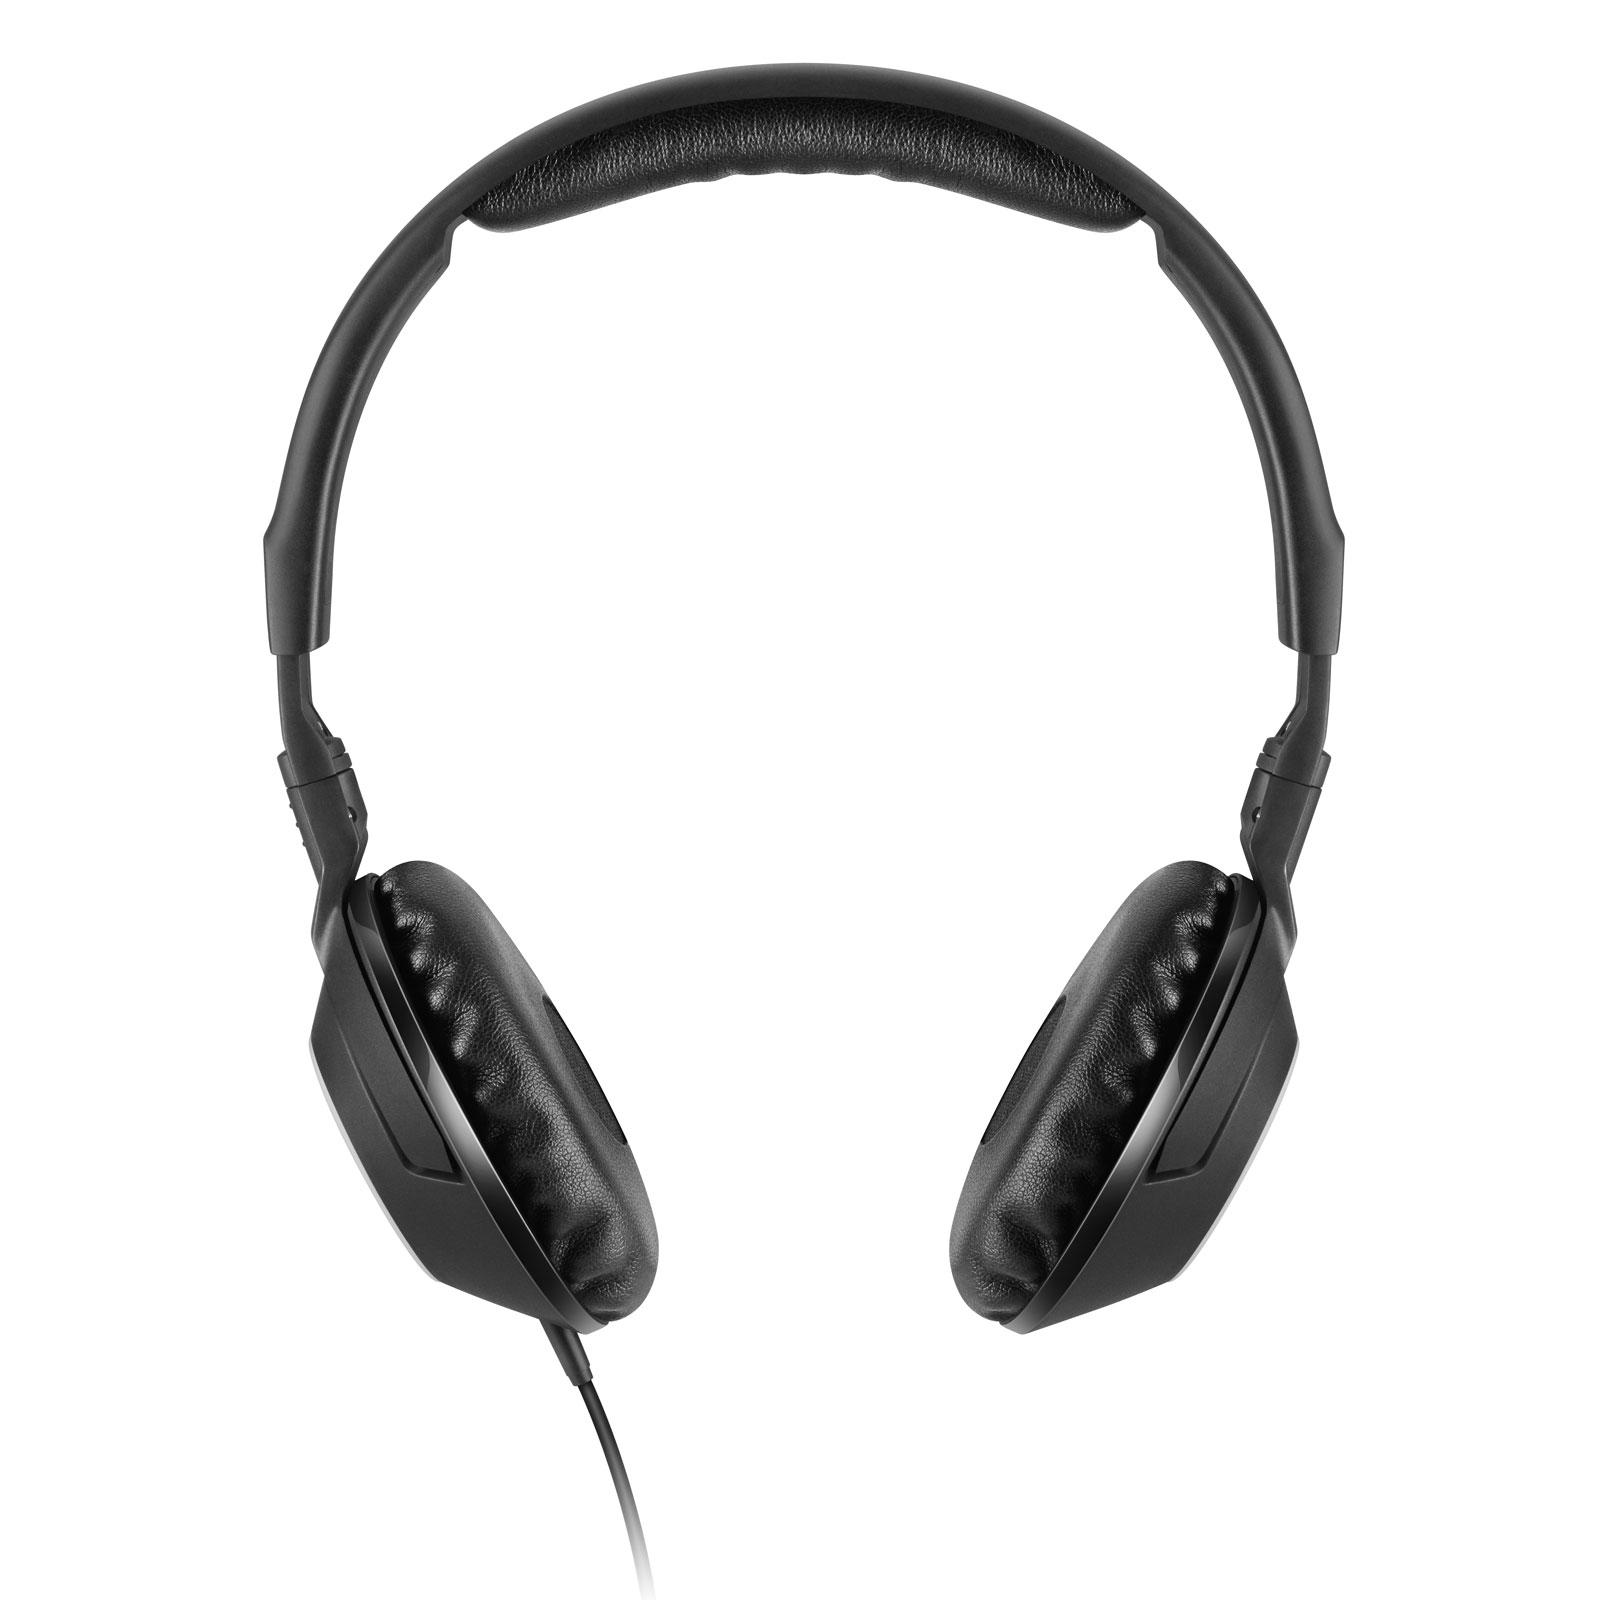 Sennheiser hd 231g casque sennheiser sur for Le meuble headsets